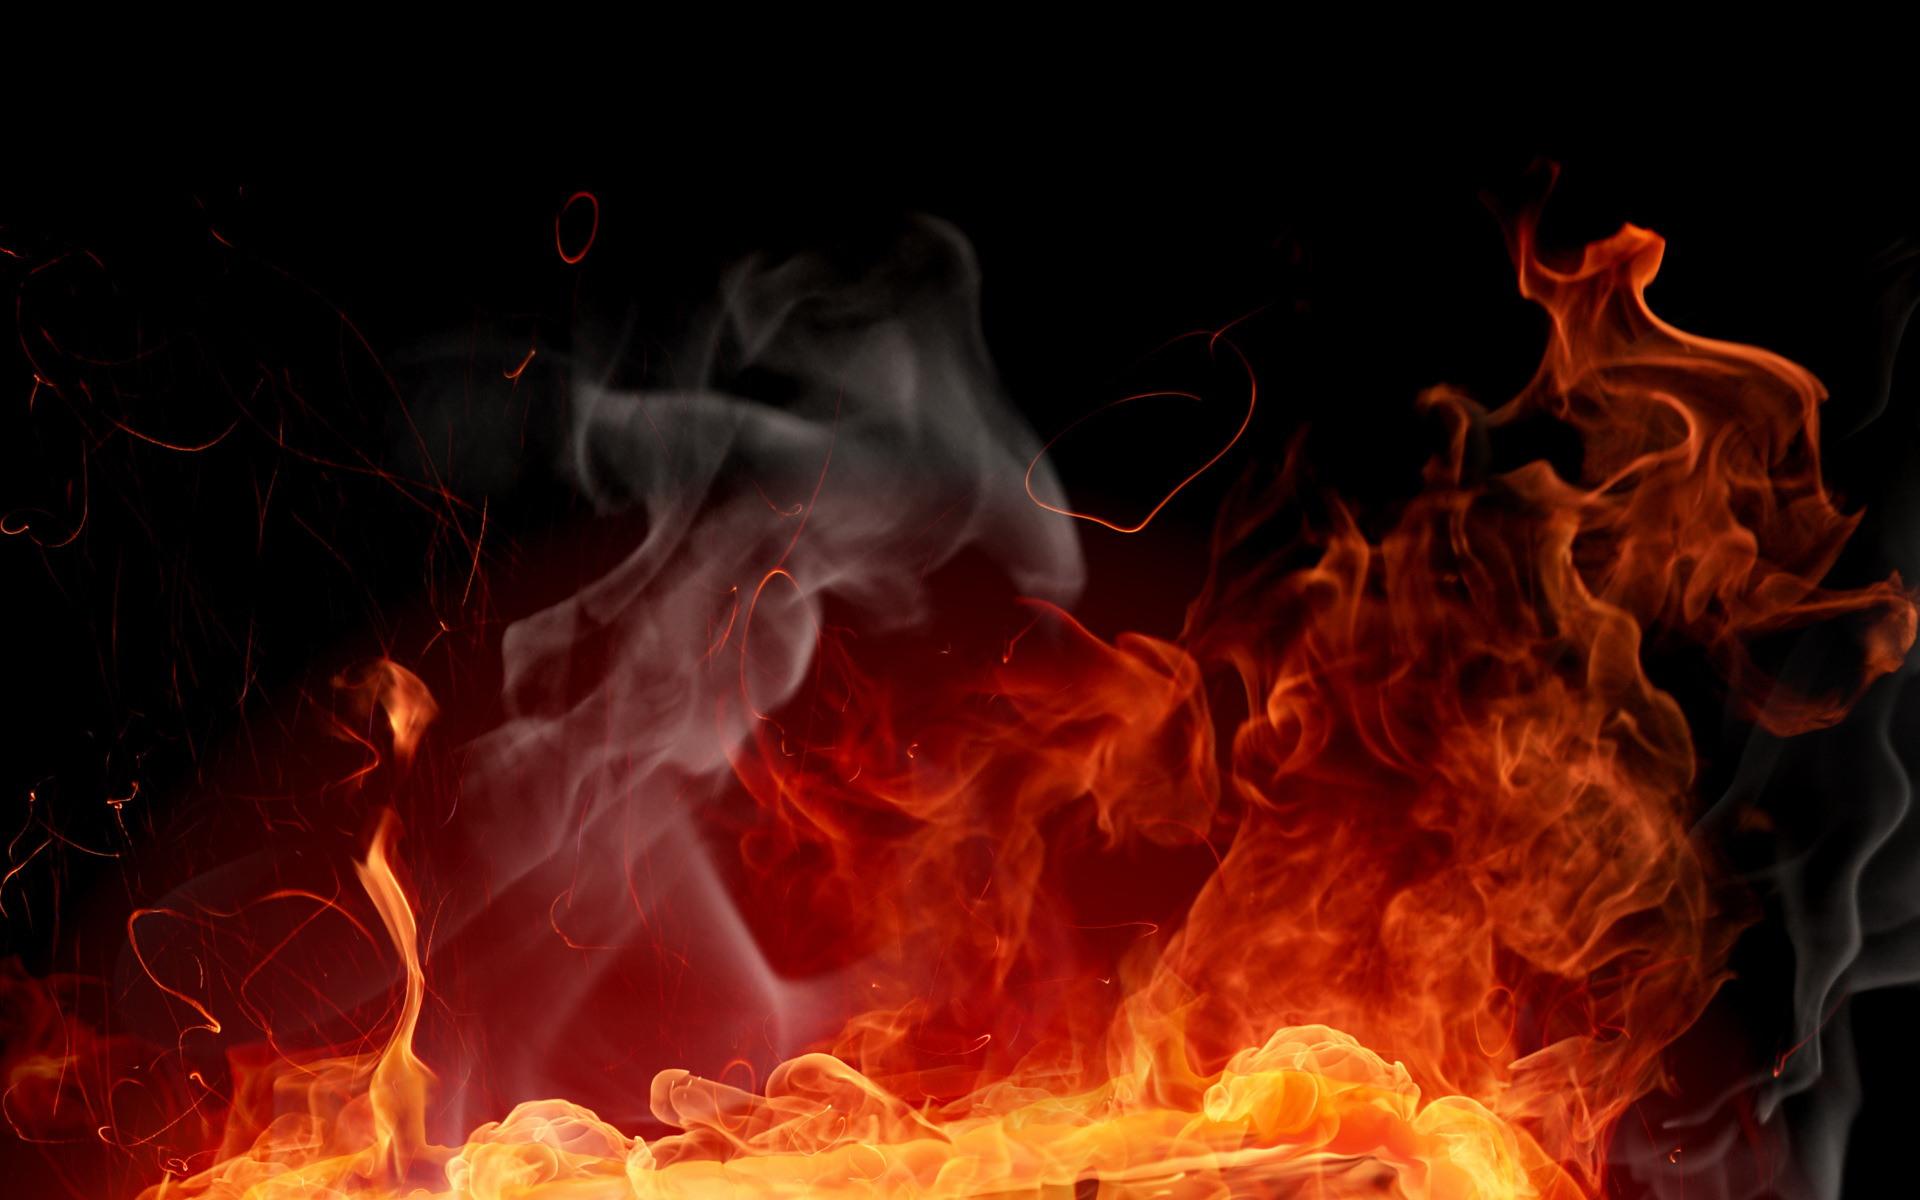 significado-de-sonar-con-fuego